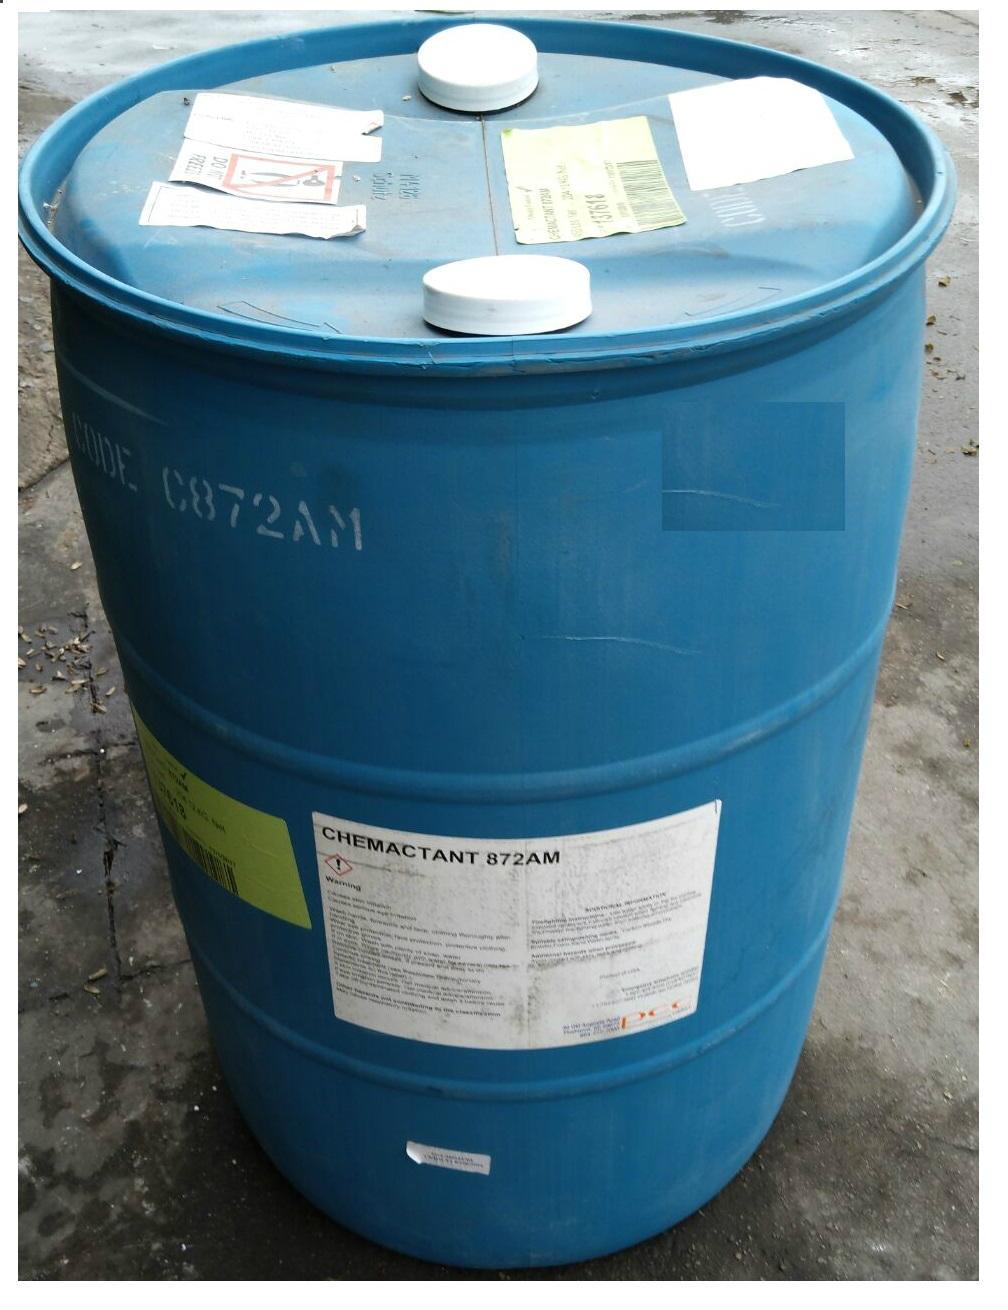 Chemactant 872AM 1